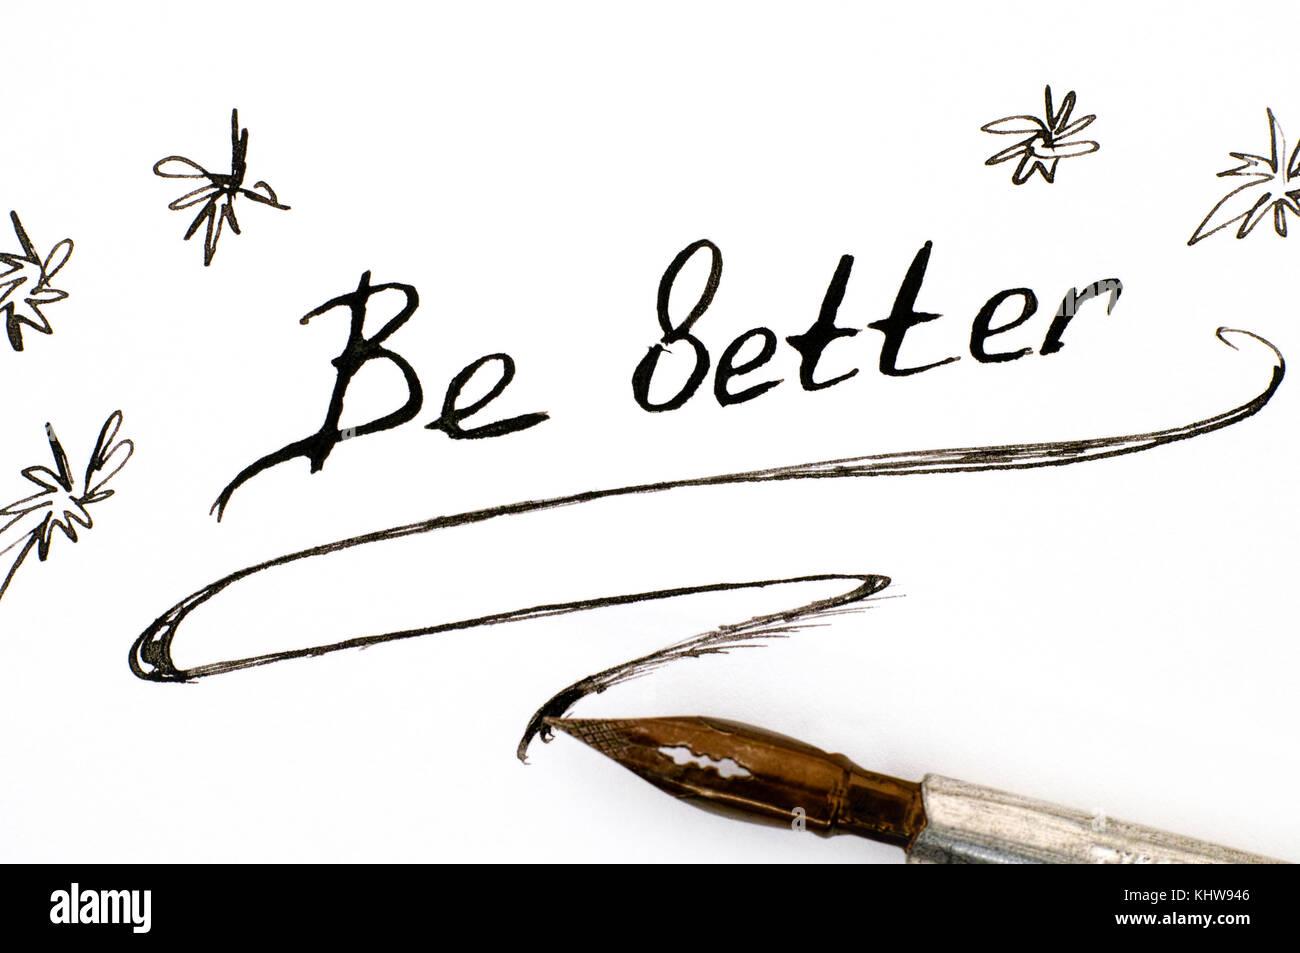 La frase della Scrittura essere meglio con penna. close-up. Immagini Stock